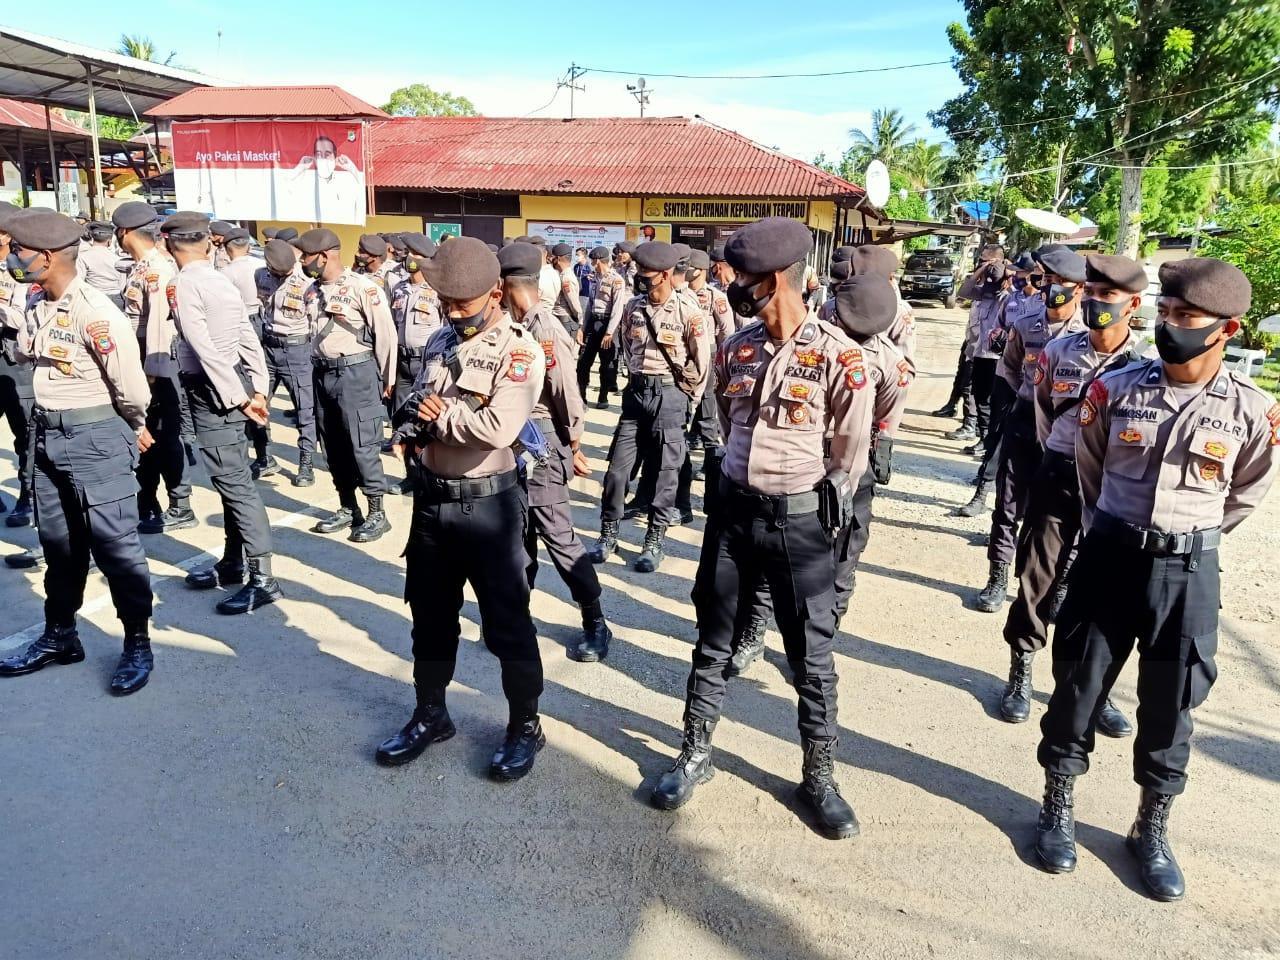 493 Personil Polres Manokwari Disiapkan Amankan Pilkada 18 IMG 20201206 WA0021